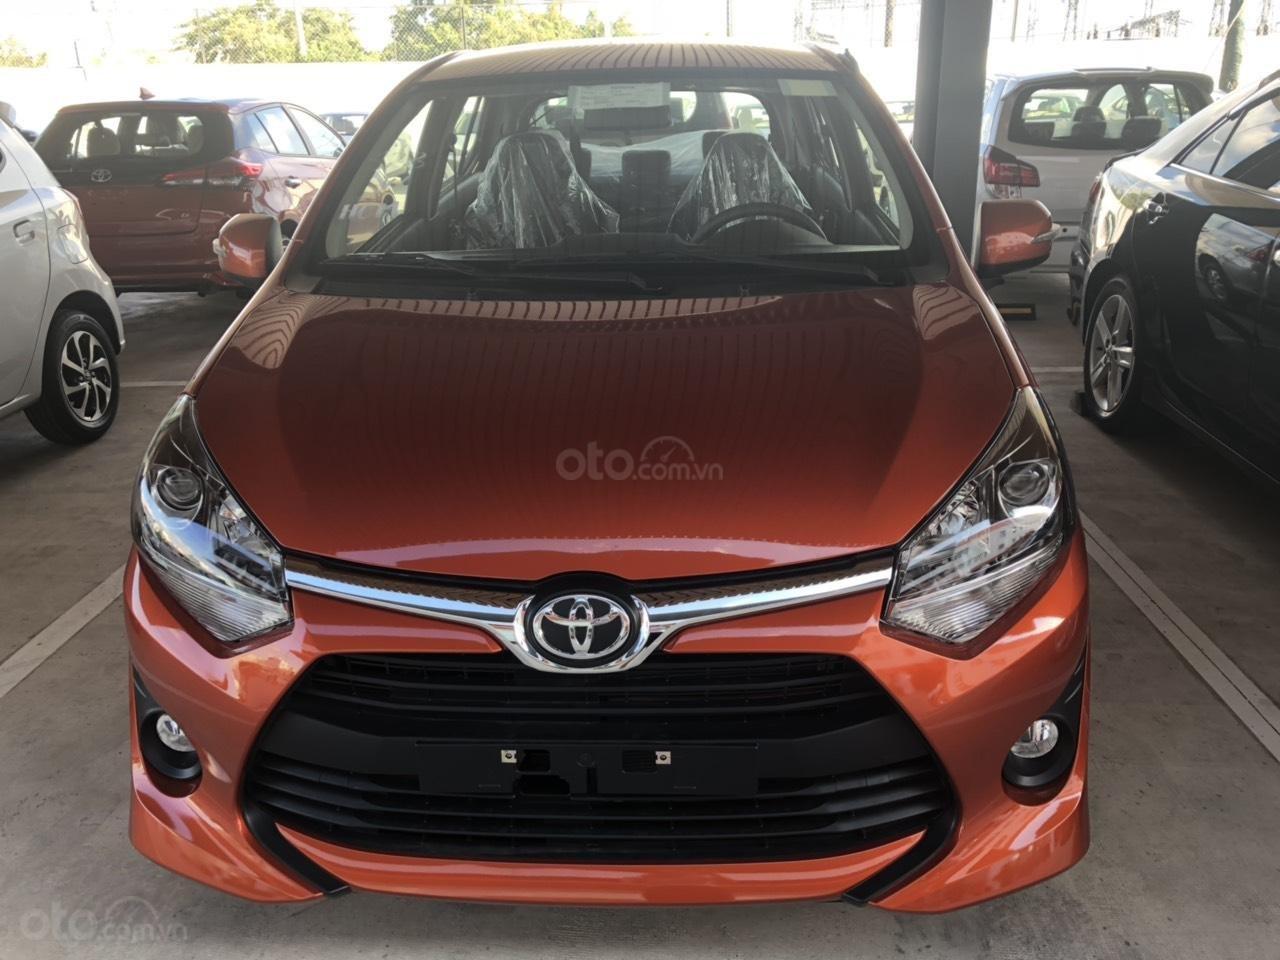 Bán xe Toyota Wigo 1.2 số sàn 2019, màu cam, nhập khẩu-0